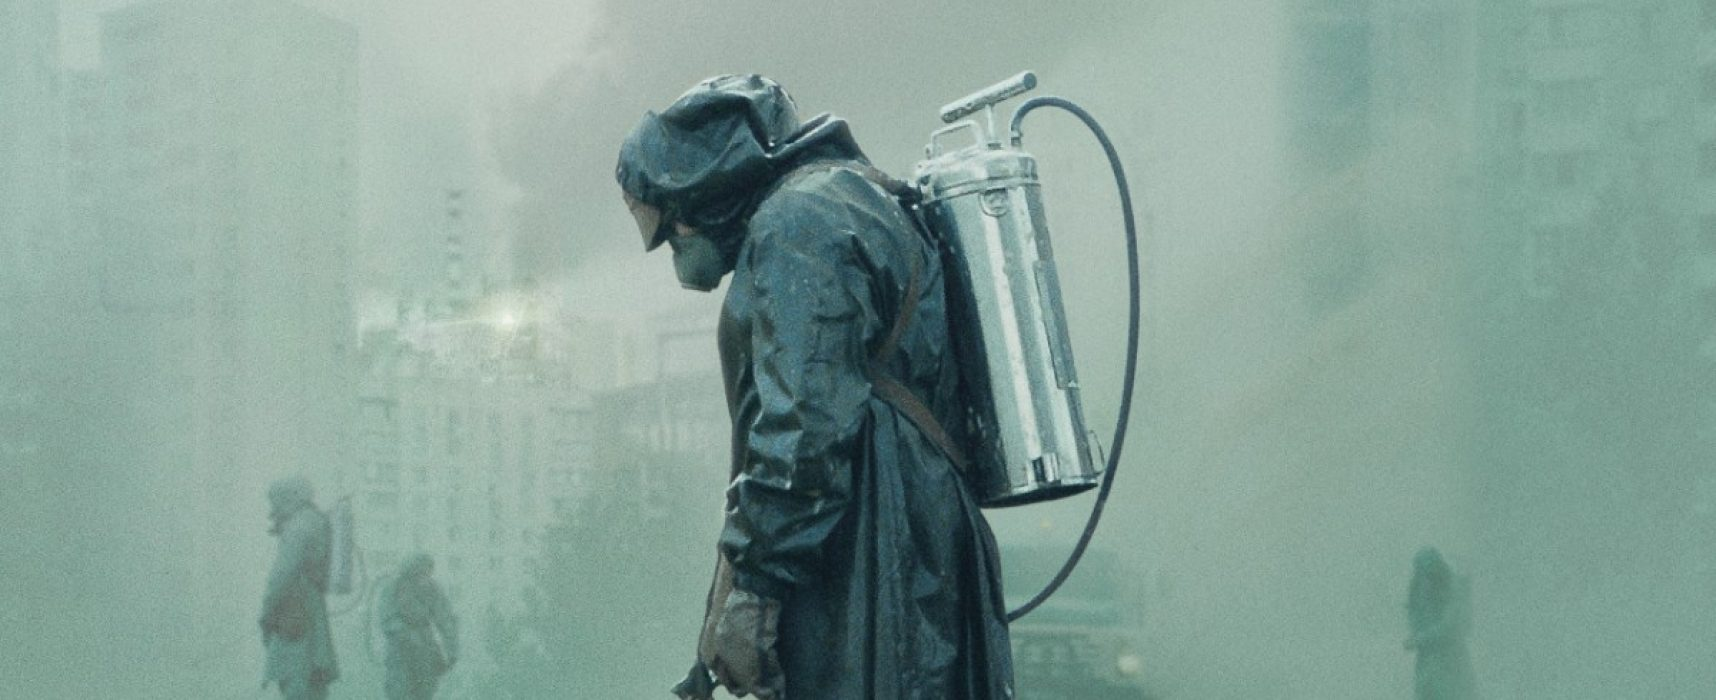 Российский замдиректора МАГАТЭ назвал фейком данные о жертвах в сериале «Чернобыль». На самом деле это данные ВОЗ